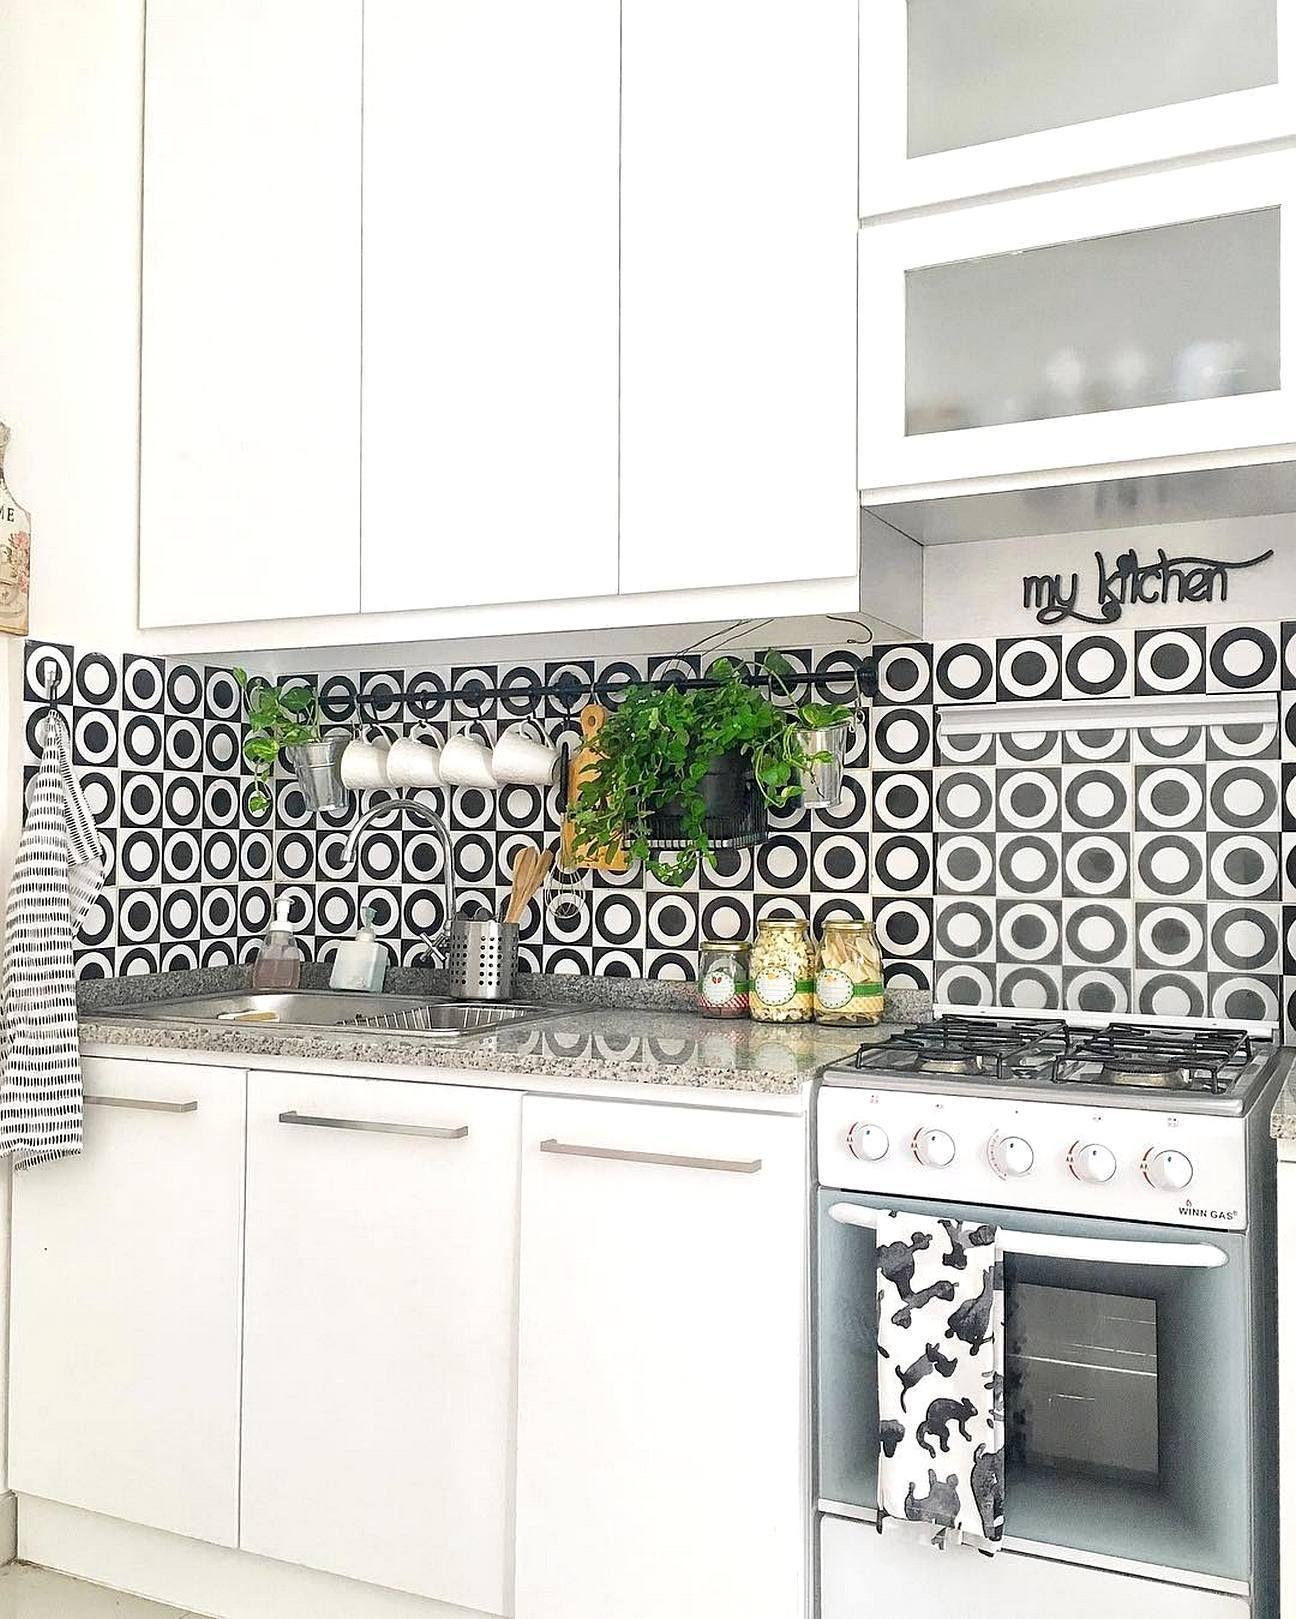 35 Best Clean Elegant Contemporary Kitchen Ideas Snapshotlite Com Kitchen Layout Modern Kitchen Set Minimalist Kitchen Design Warna keramik dinding dapur rumah